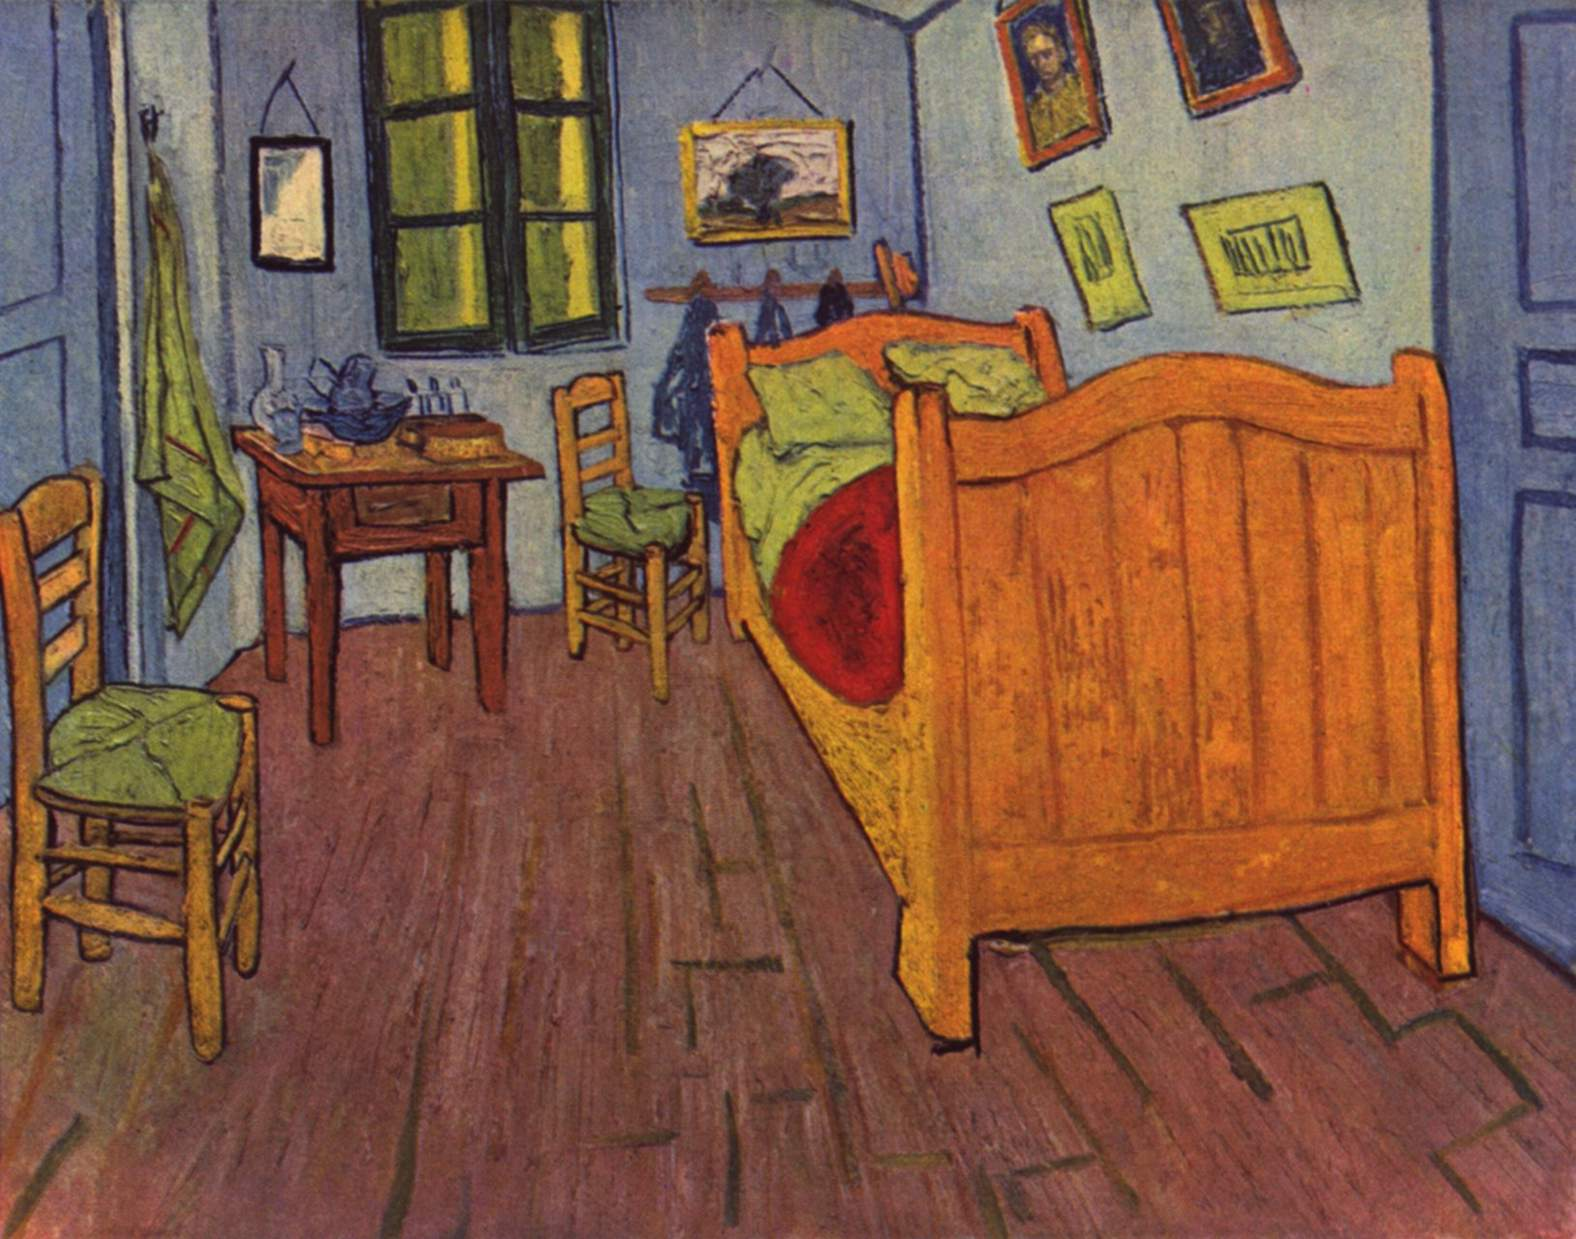 La camera da letto di van gogh ad arles i colori non sono quelli originali - Dipinti camera da letto ...